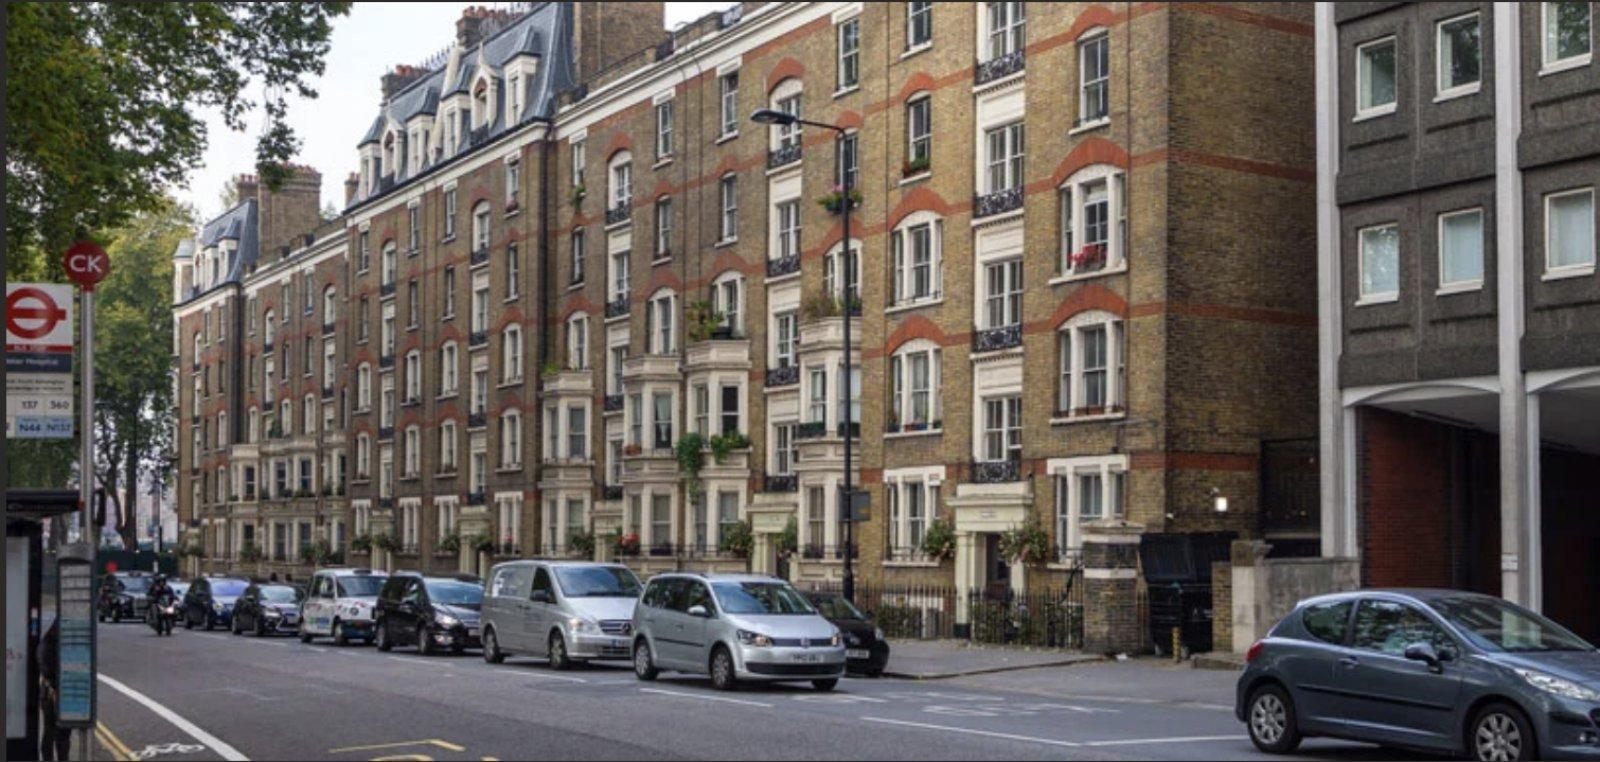 海外房地產投資專欄:【BNO效應?】英國物業大熱「誘」原因